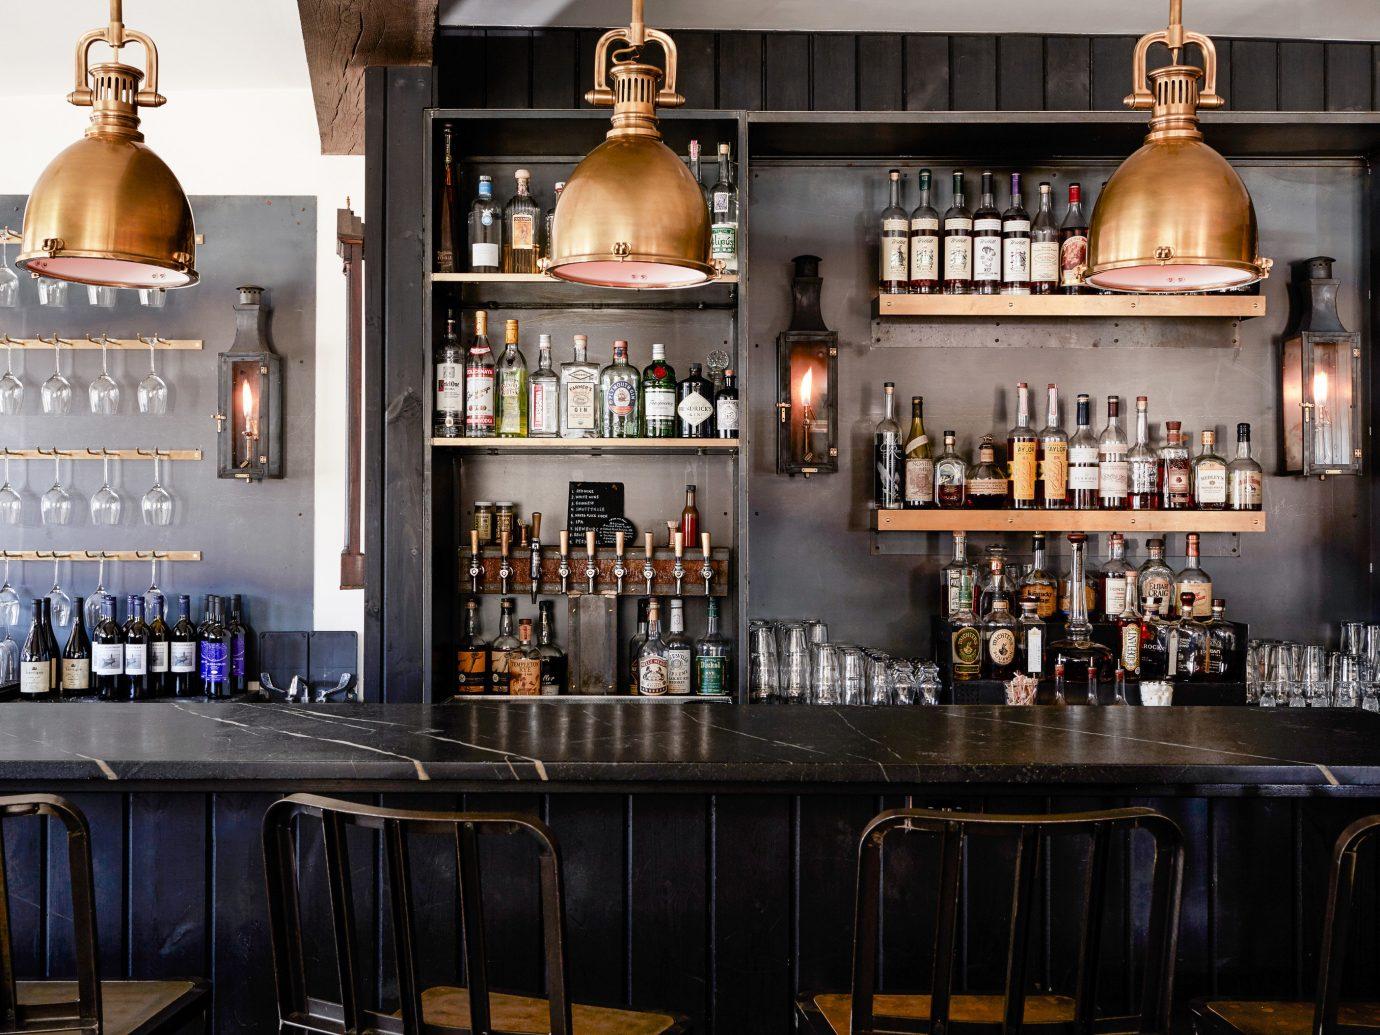 Trip Ideas indoor shelf Bar Drink restaurant interior design lots full